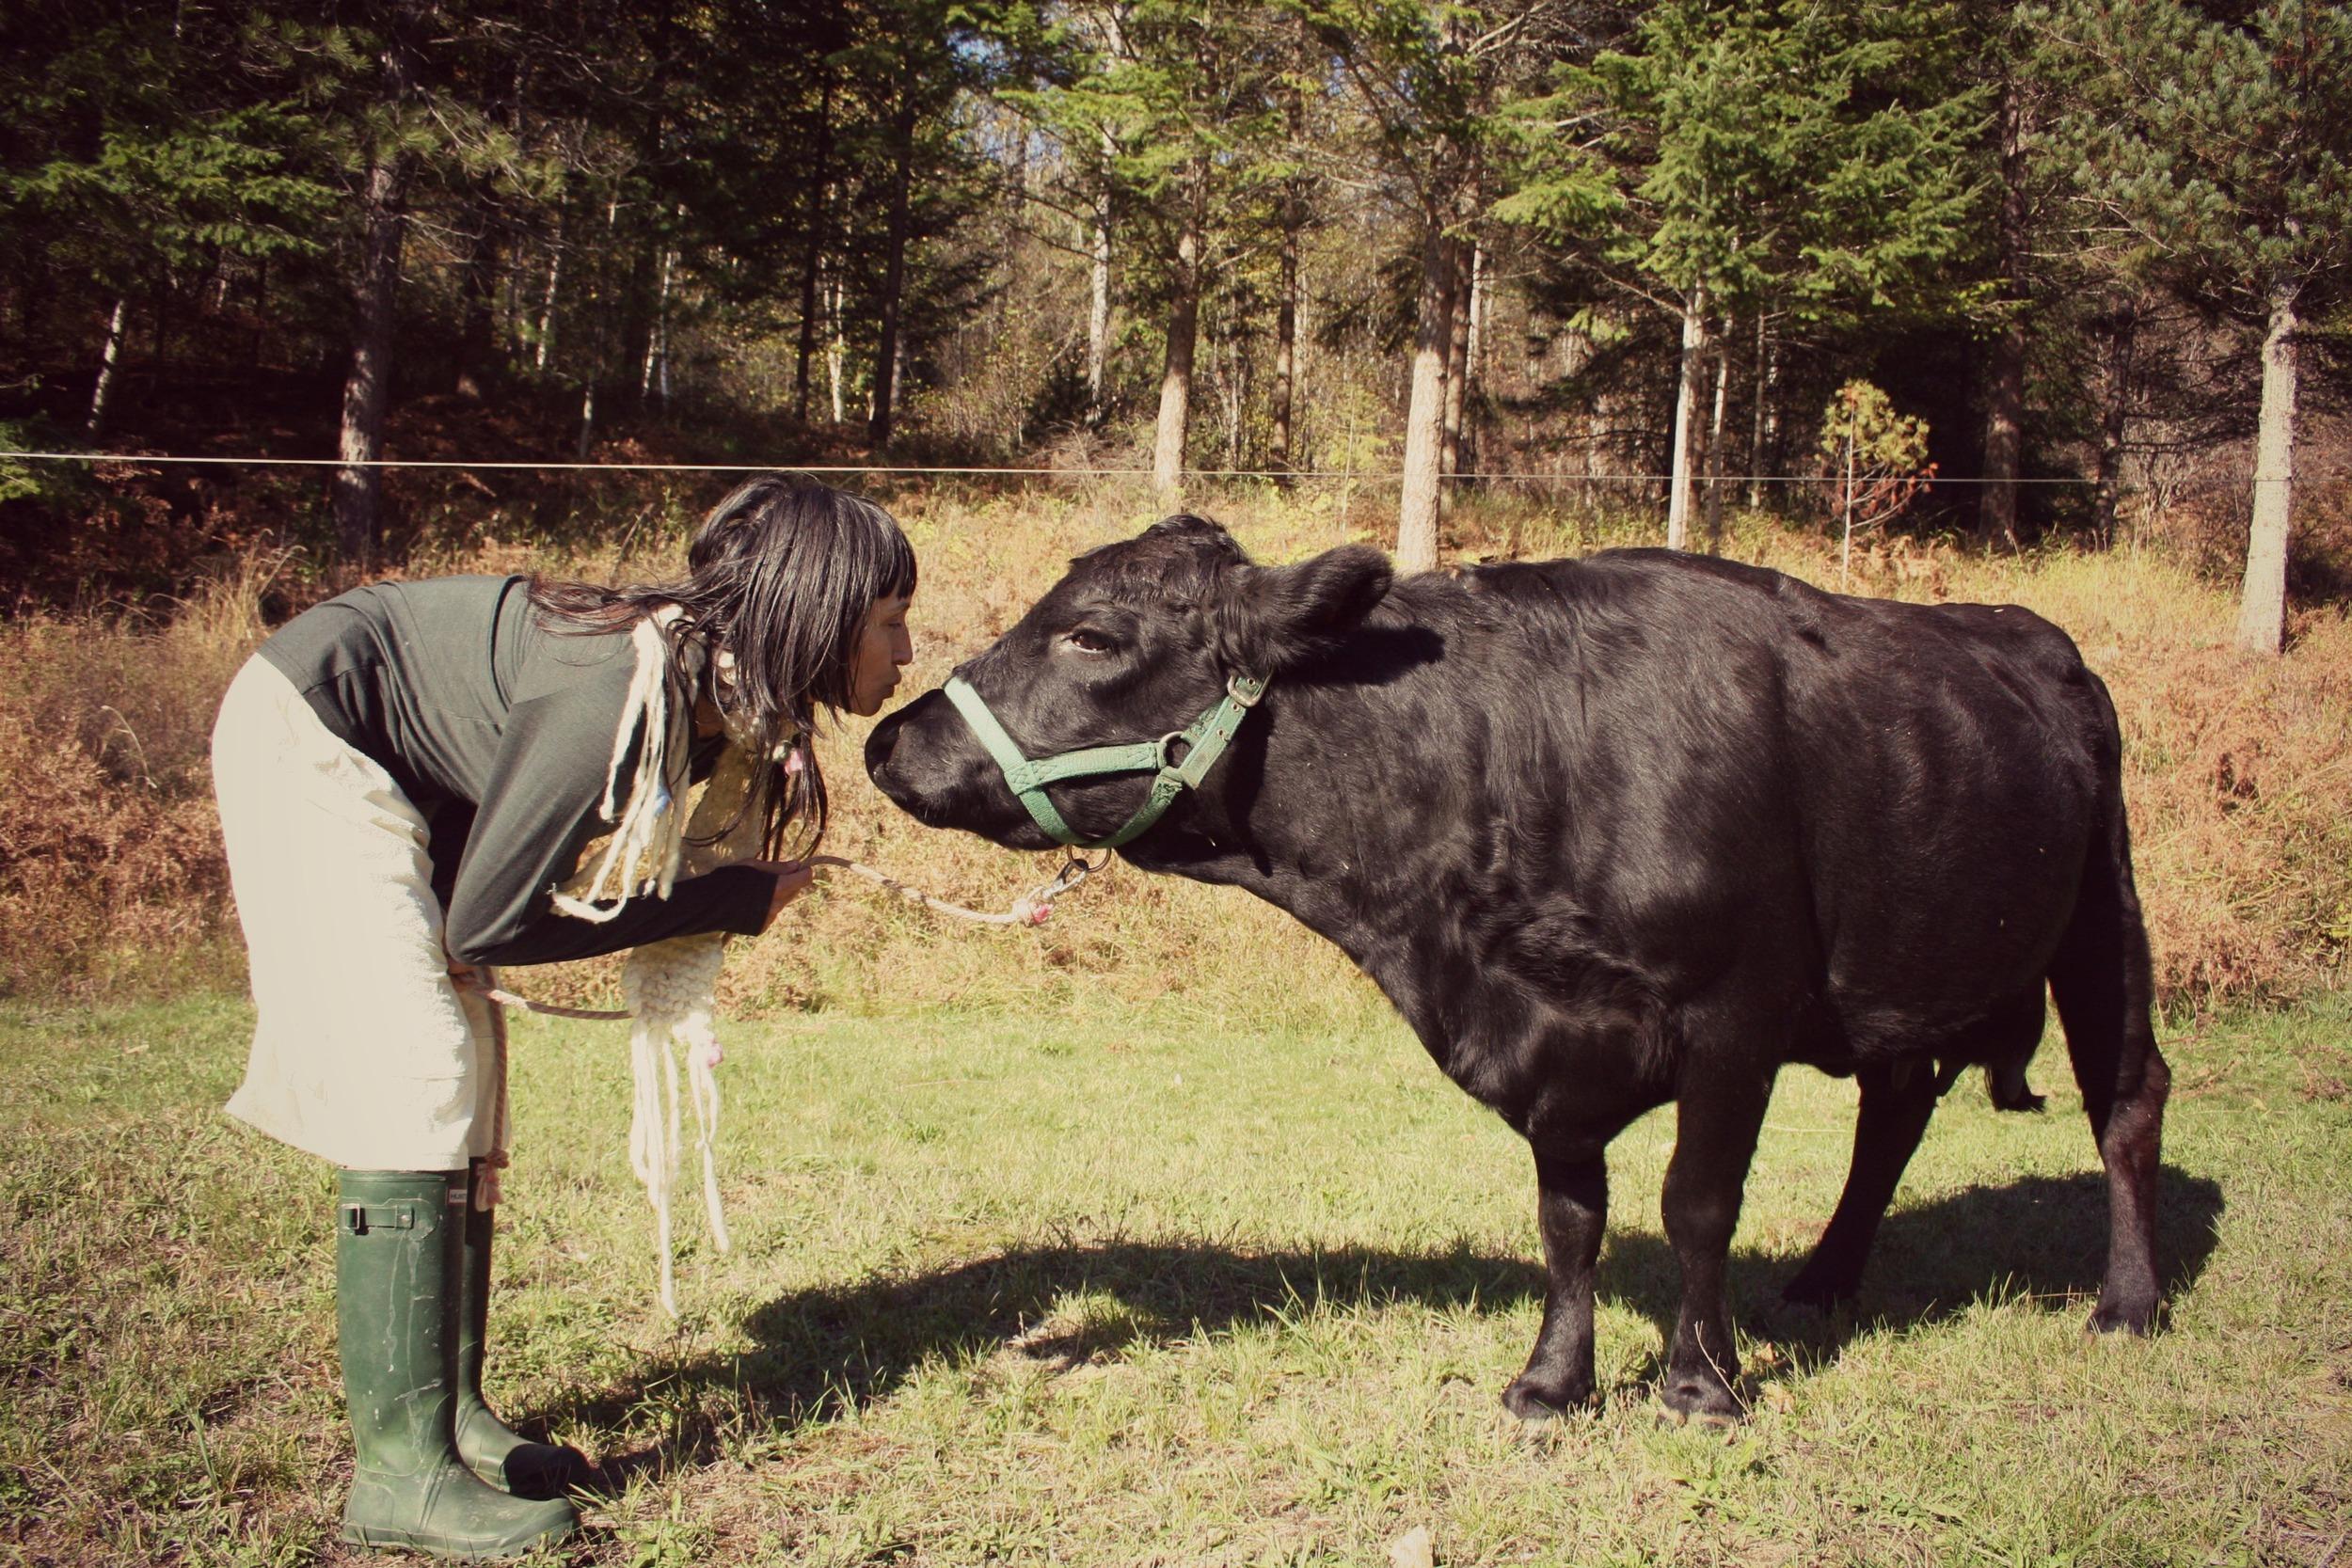 bliss-filled cow kisses.jpg